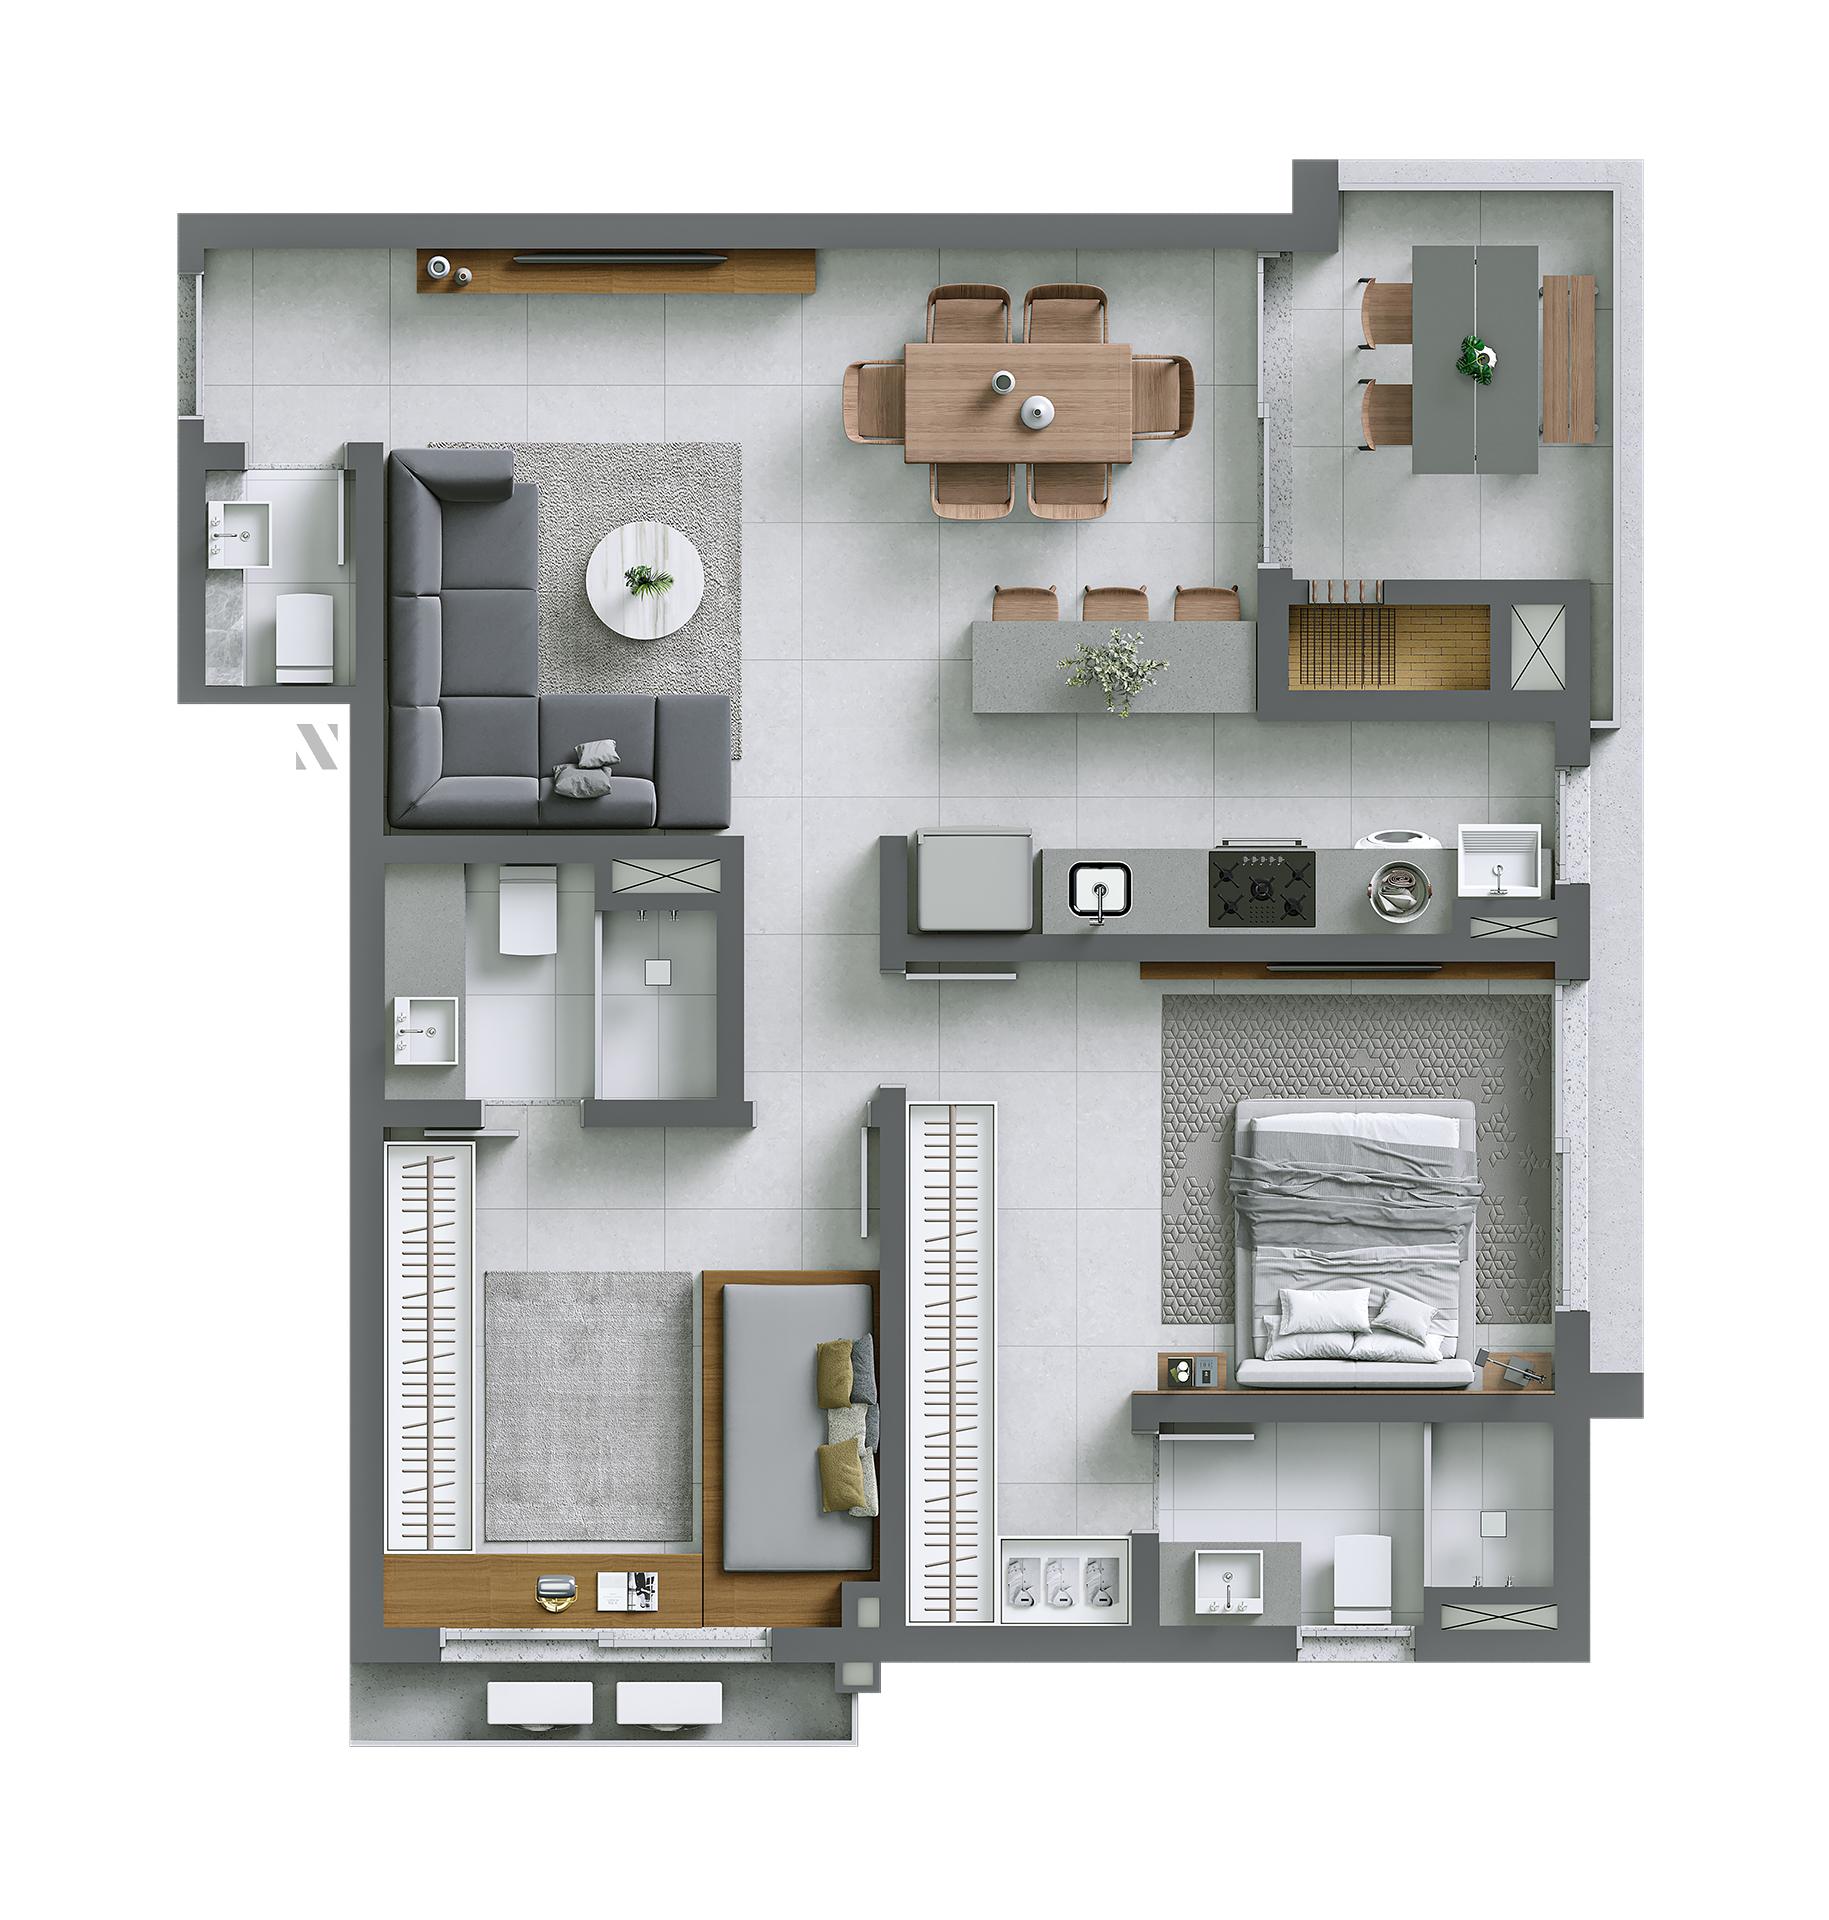 Vida planta: Apartamento 03 - 80,37 m²